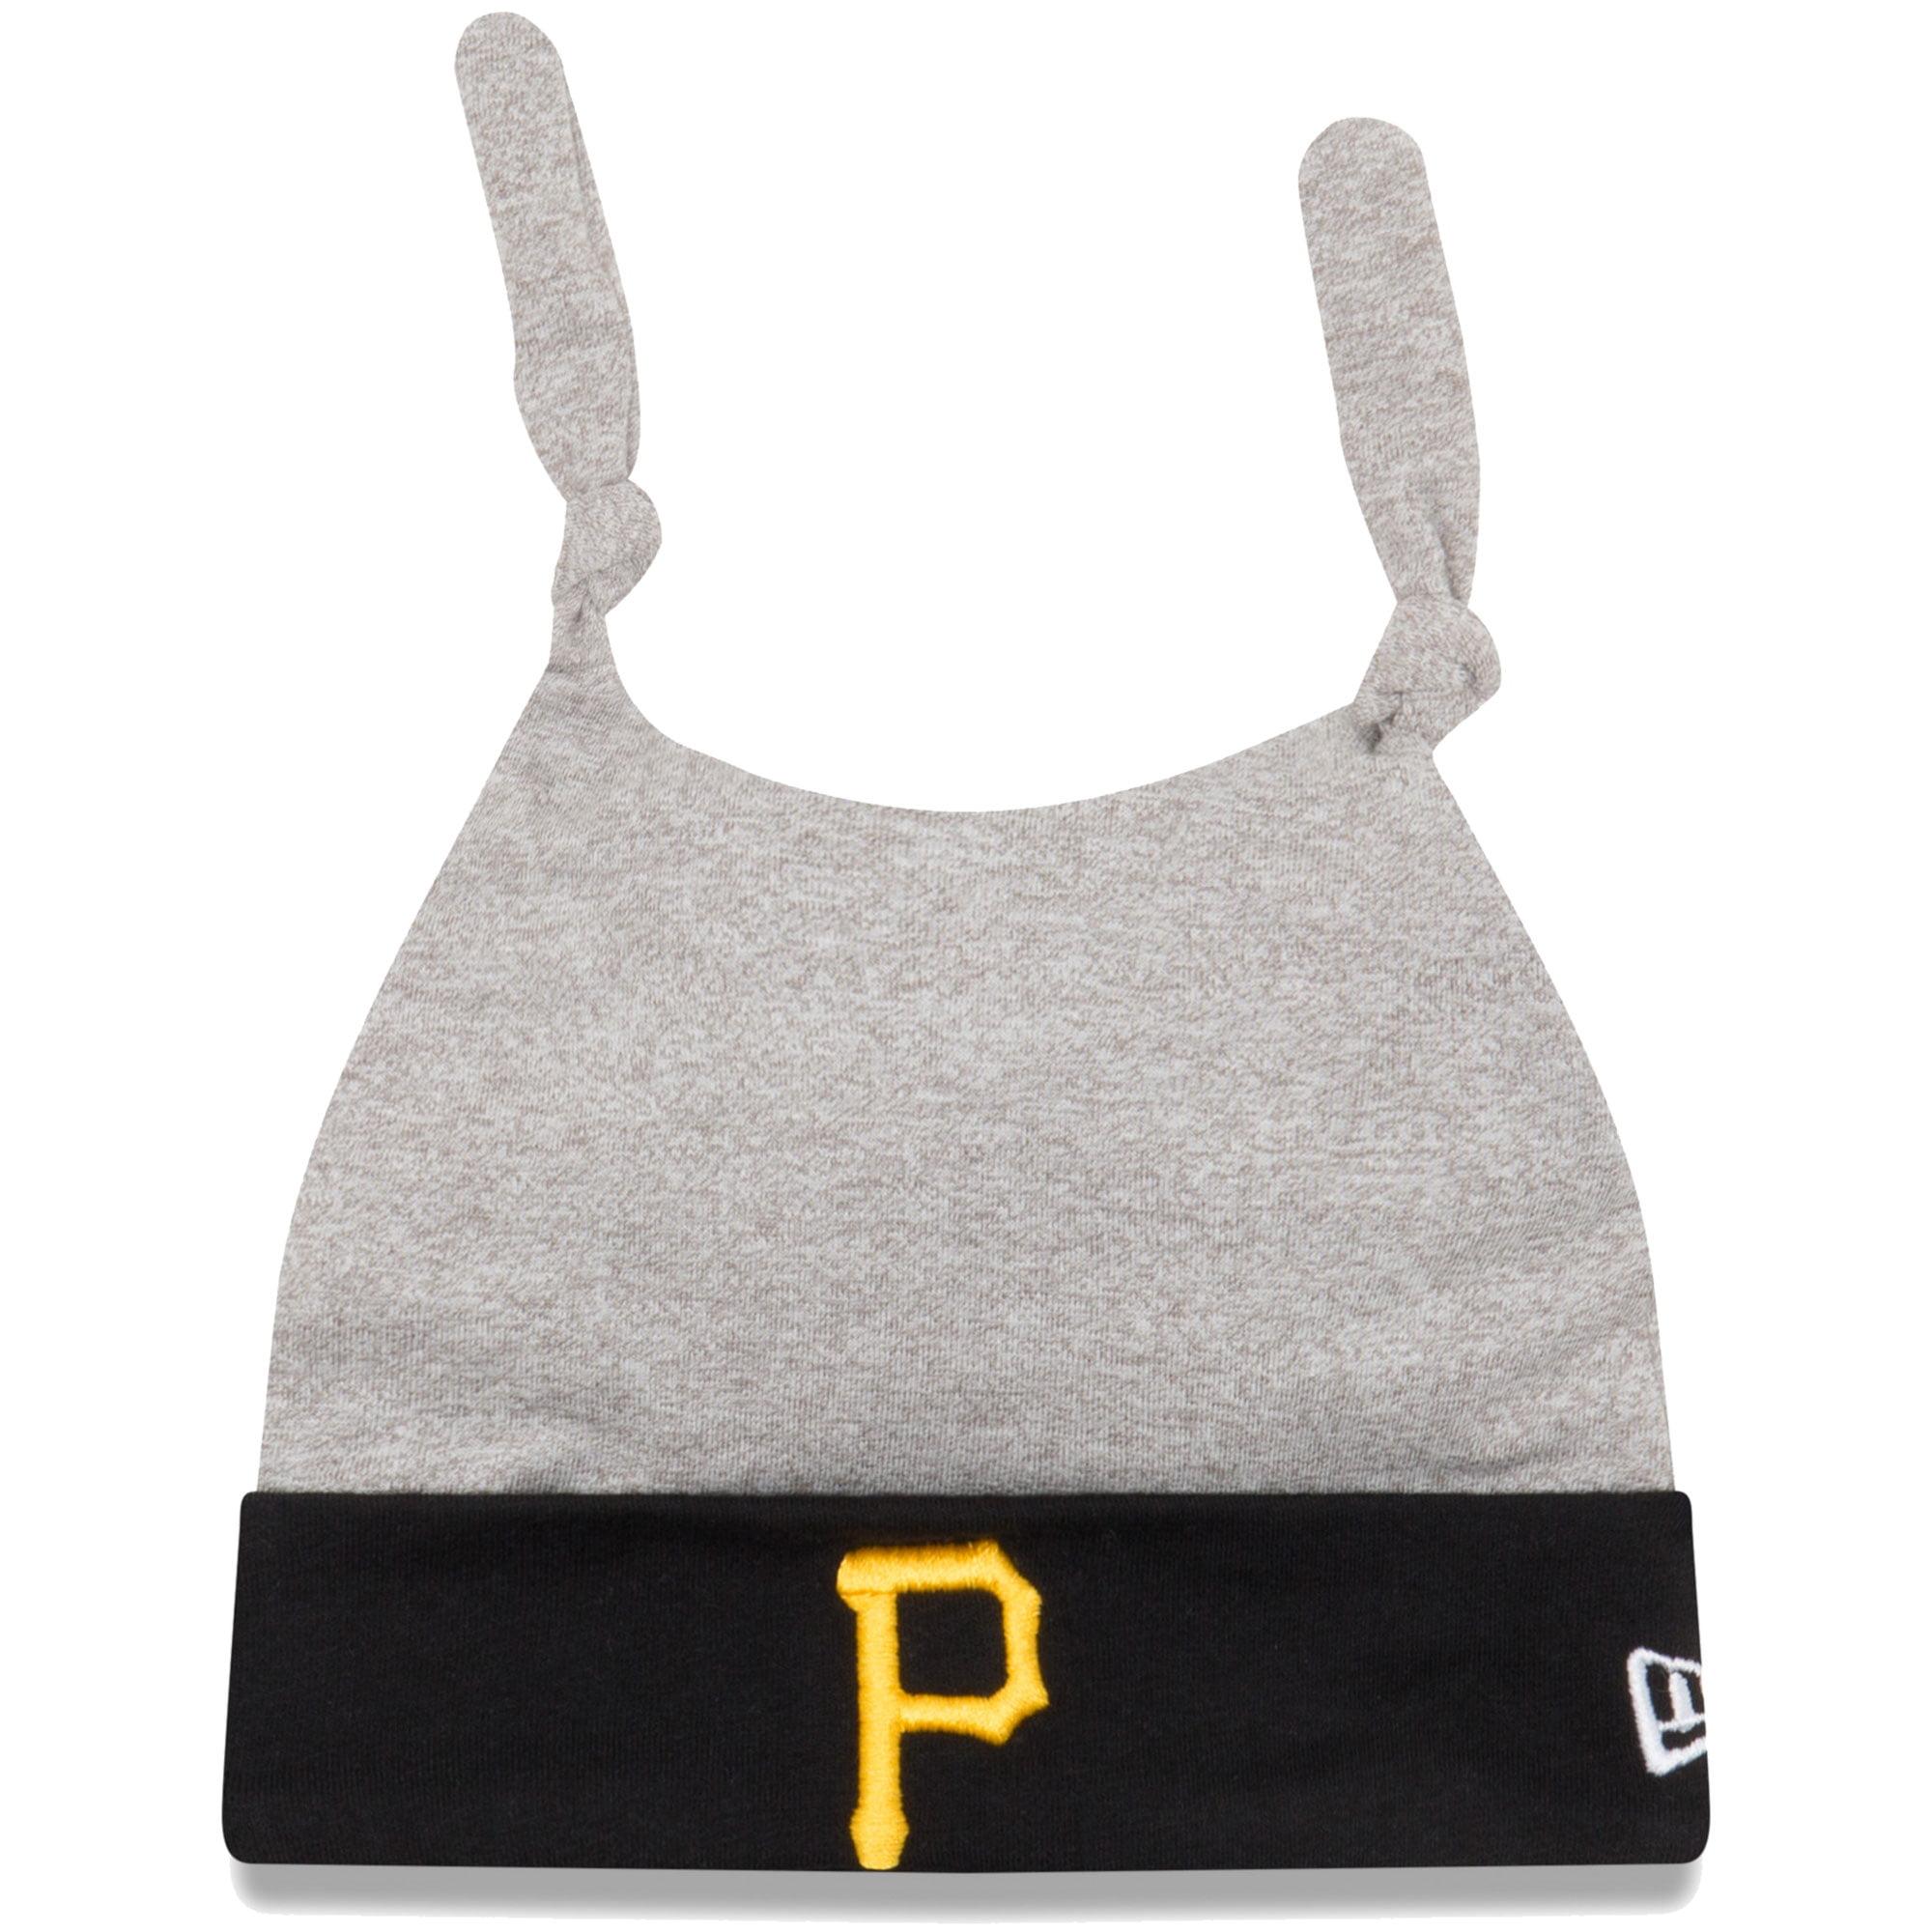 Pittsburgh Pirates New Era Newborn Speckle Tot Dub Cuffed Knit Hat - Gray/Black - OSFA